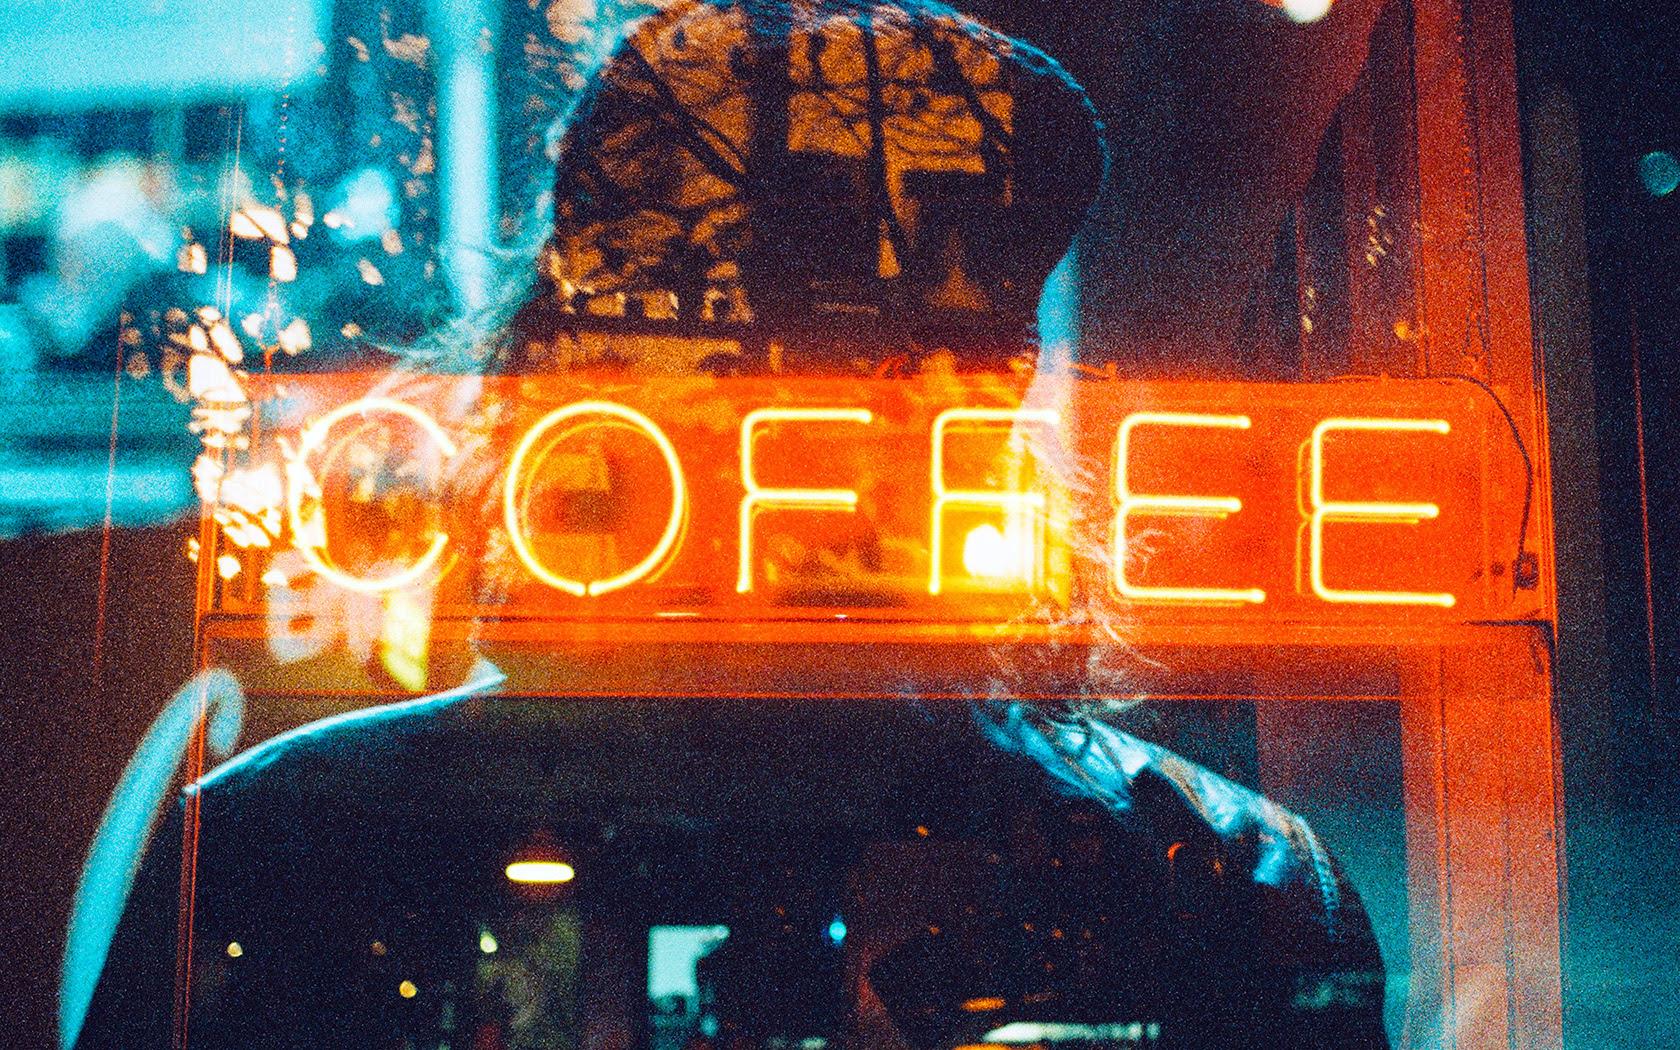 az93coffeeneonsignnightillustrationartwallpaper